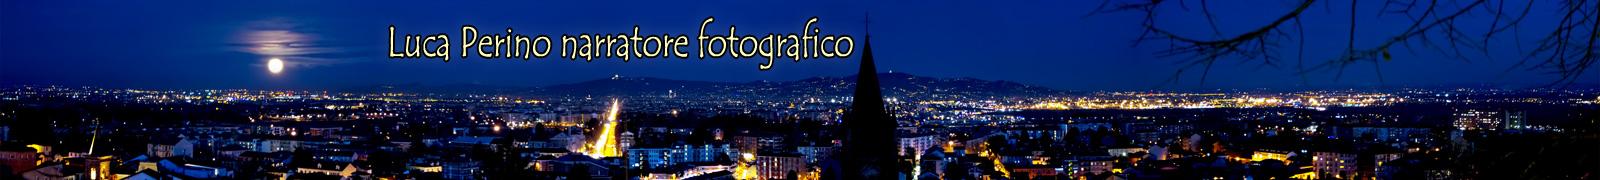 Luca Perino narratore fotografico